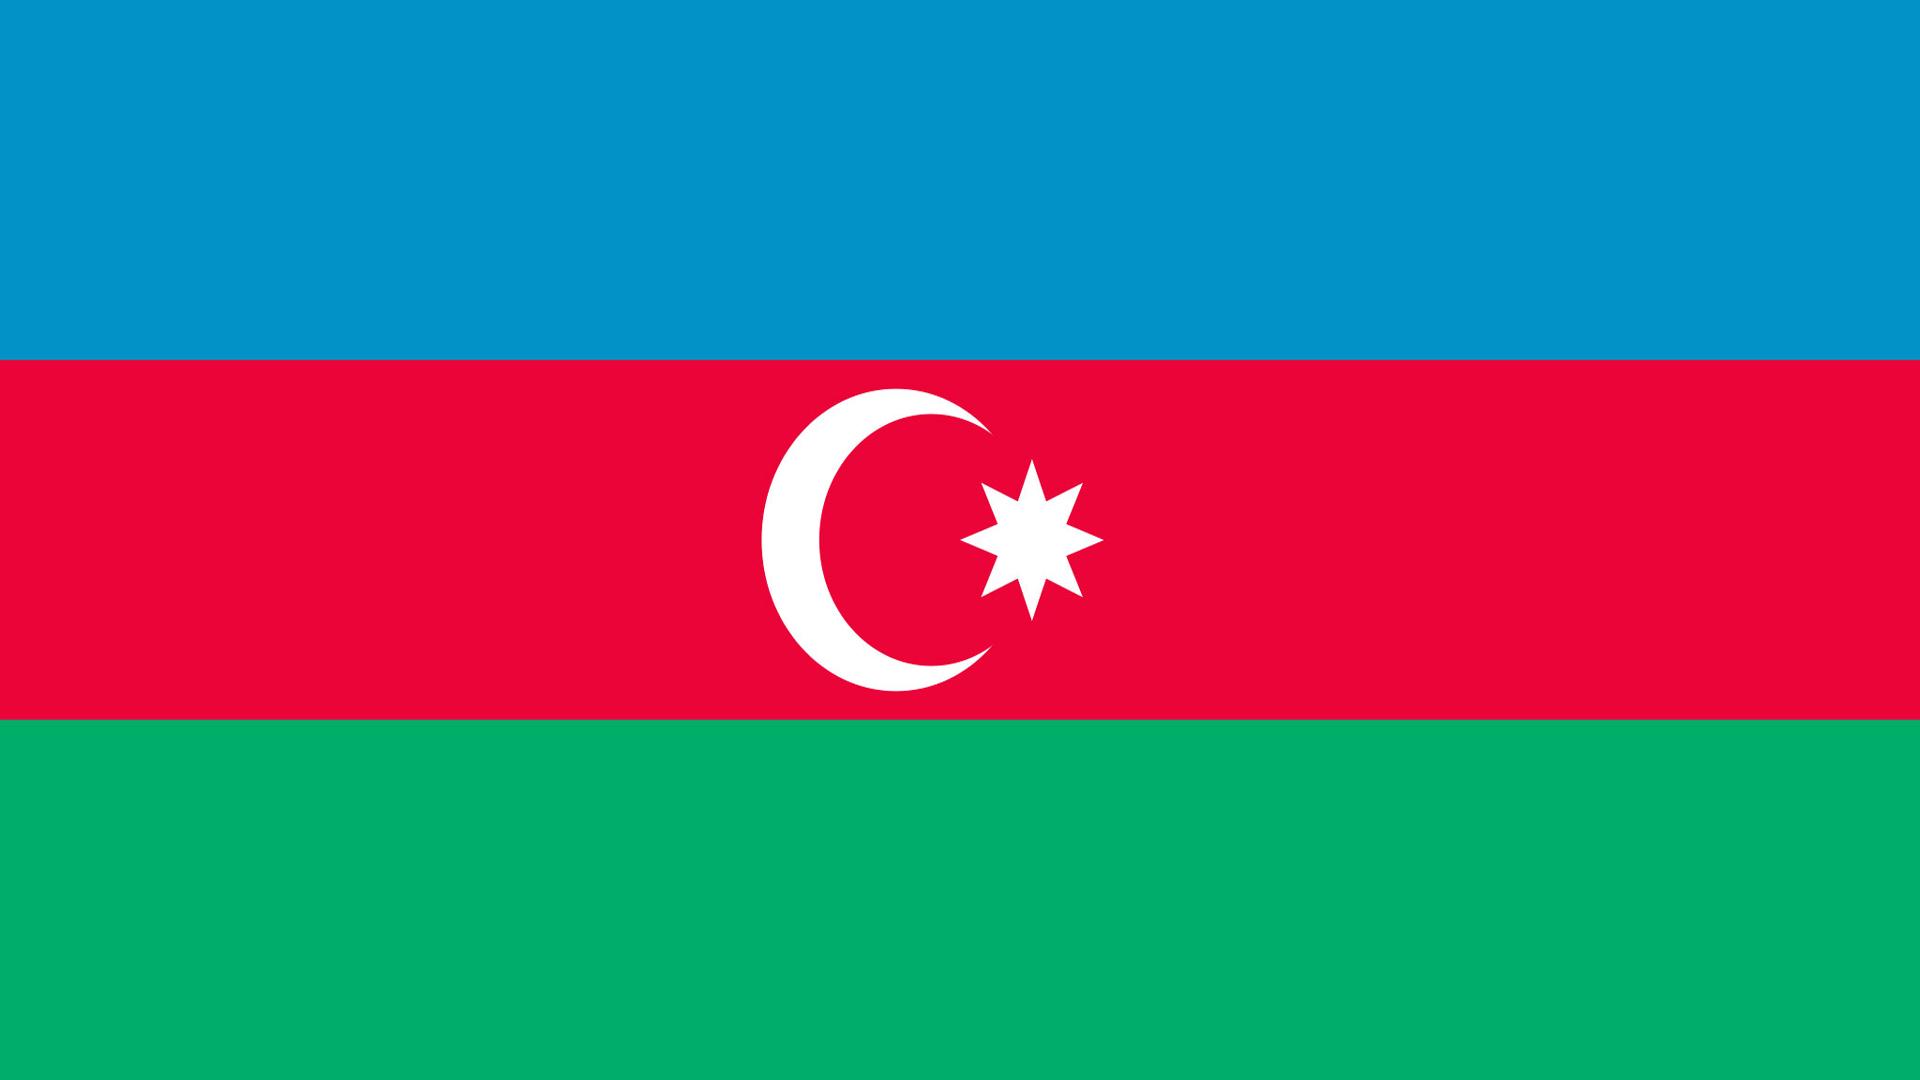 скачать картинку флаг азербайджана